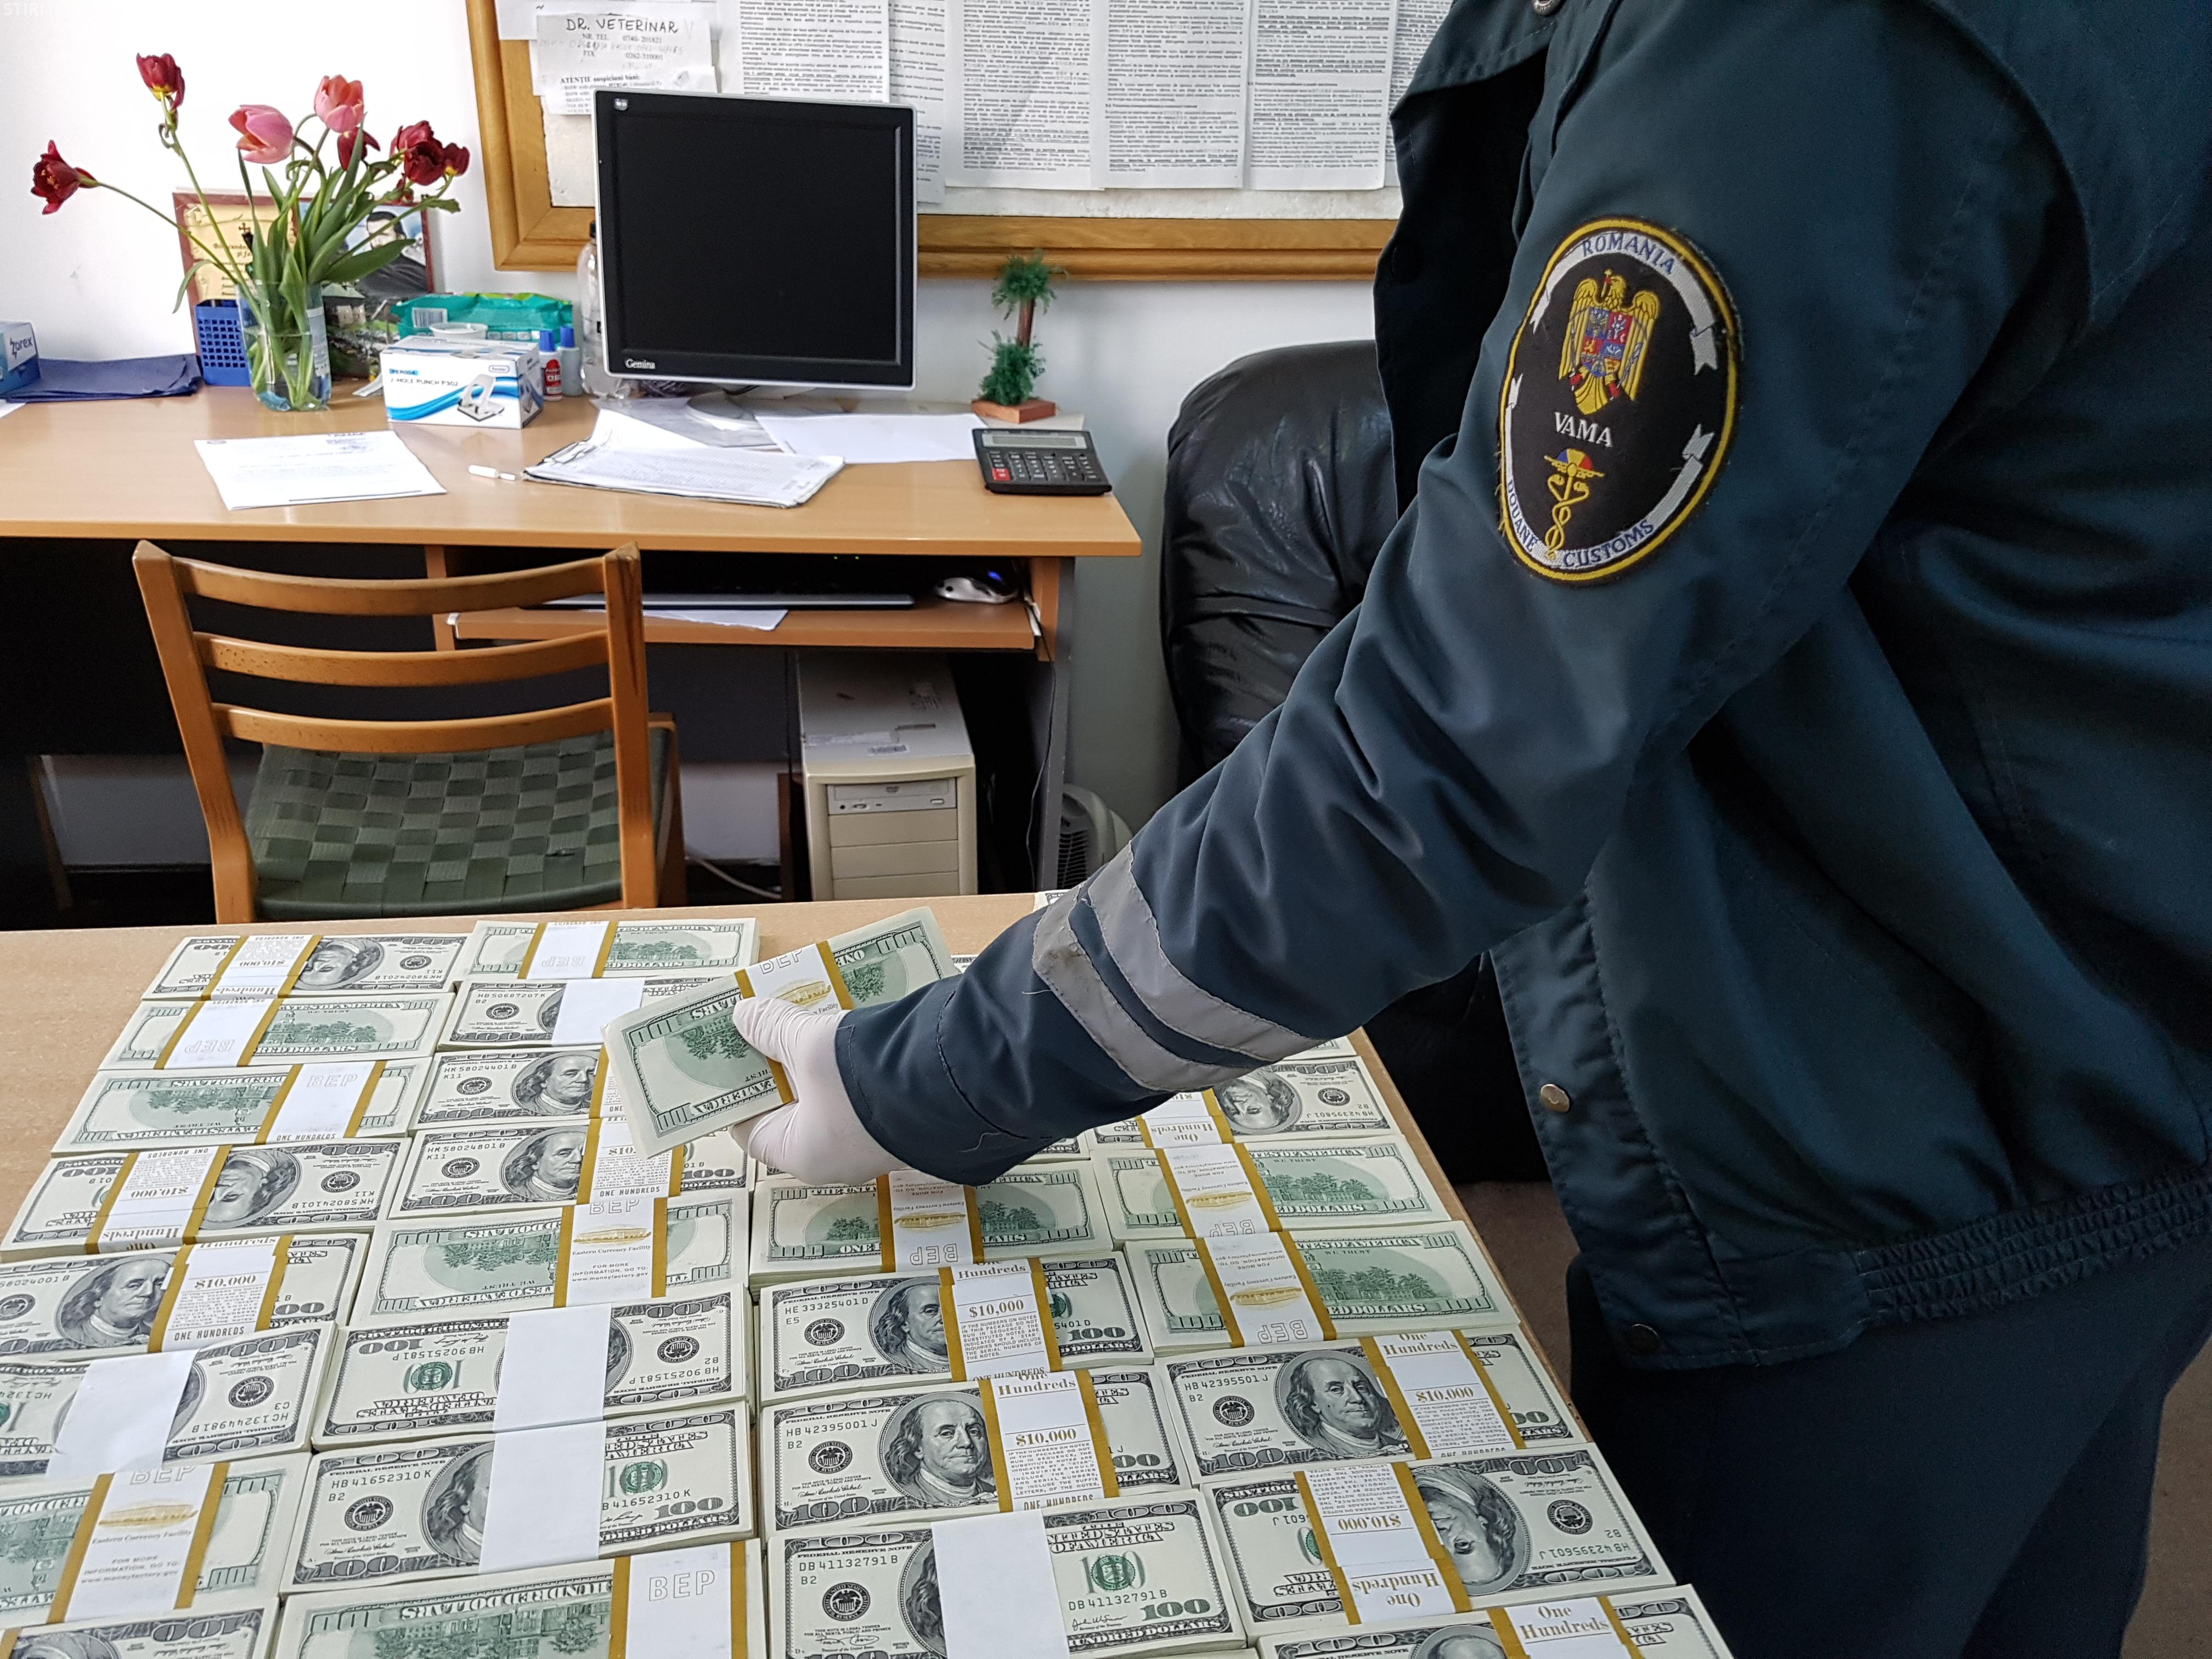 Vameșii au găsit 400.000 de dolari ascunşi într-un autoturism la Sighet